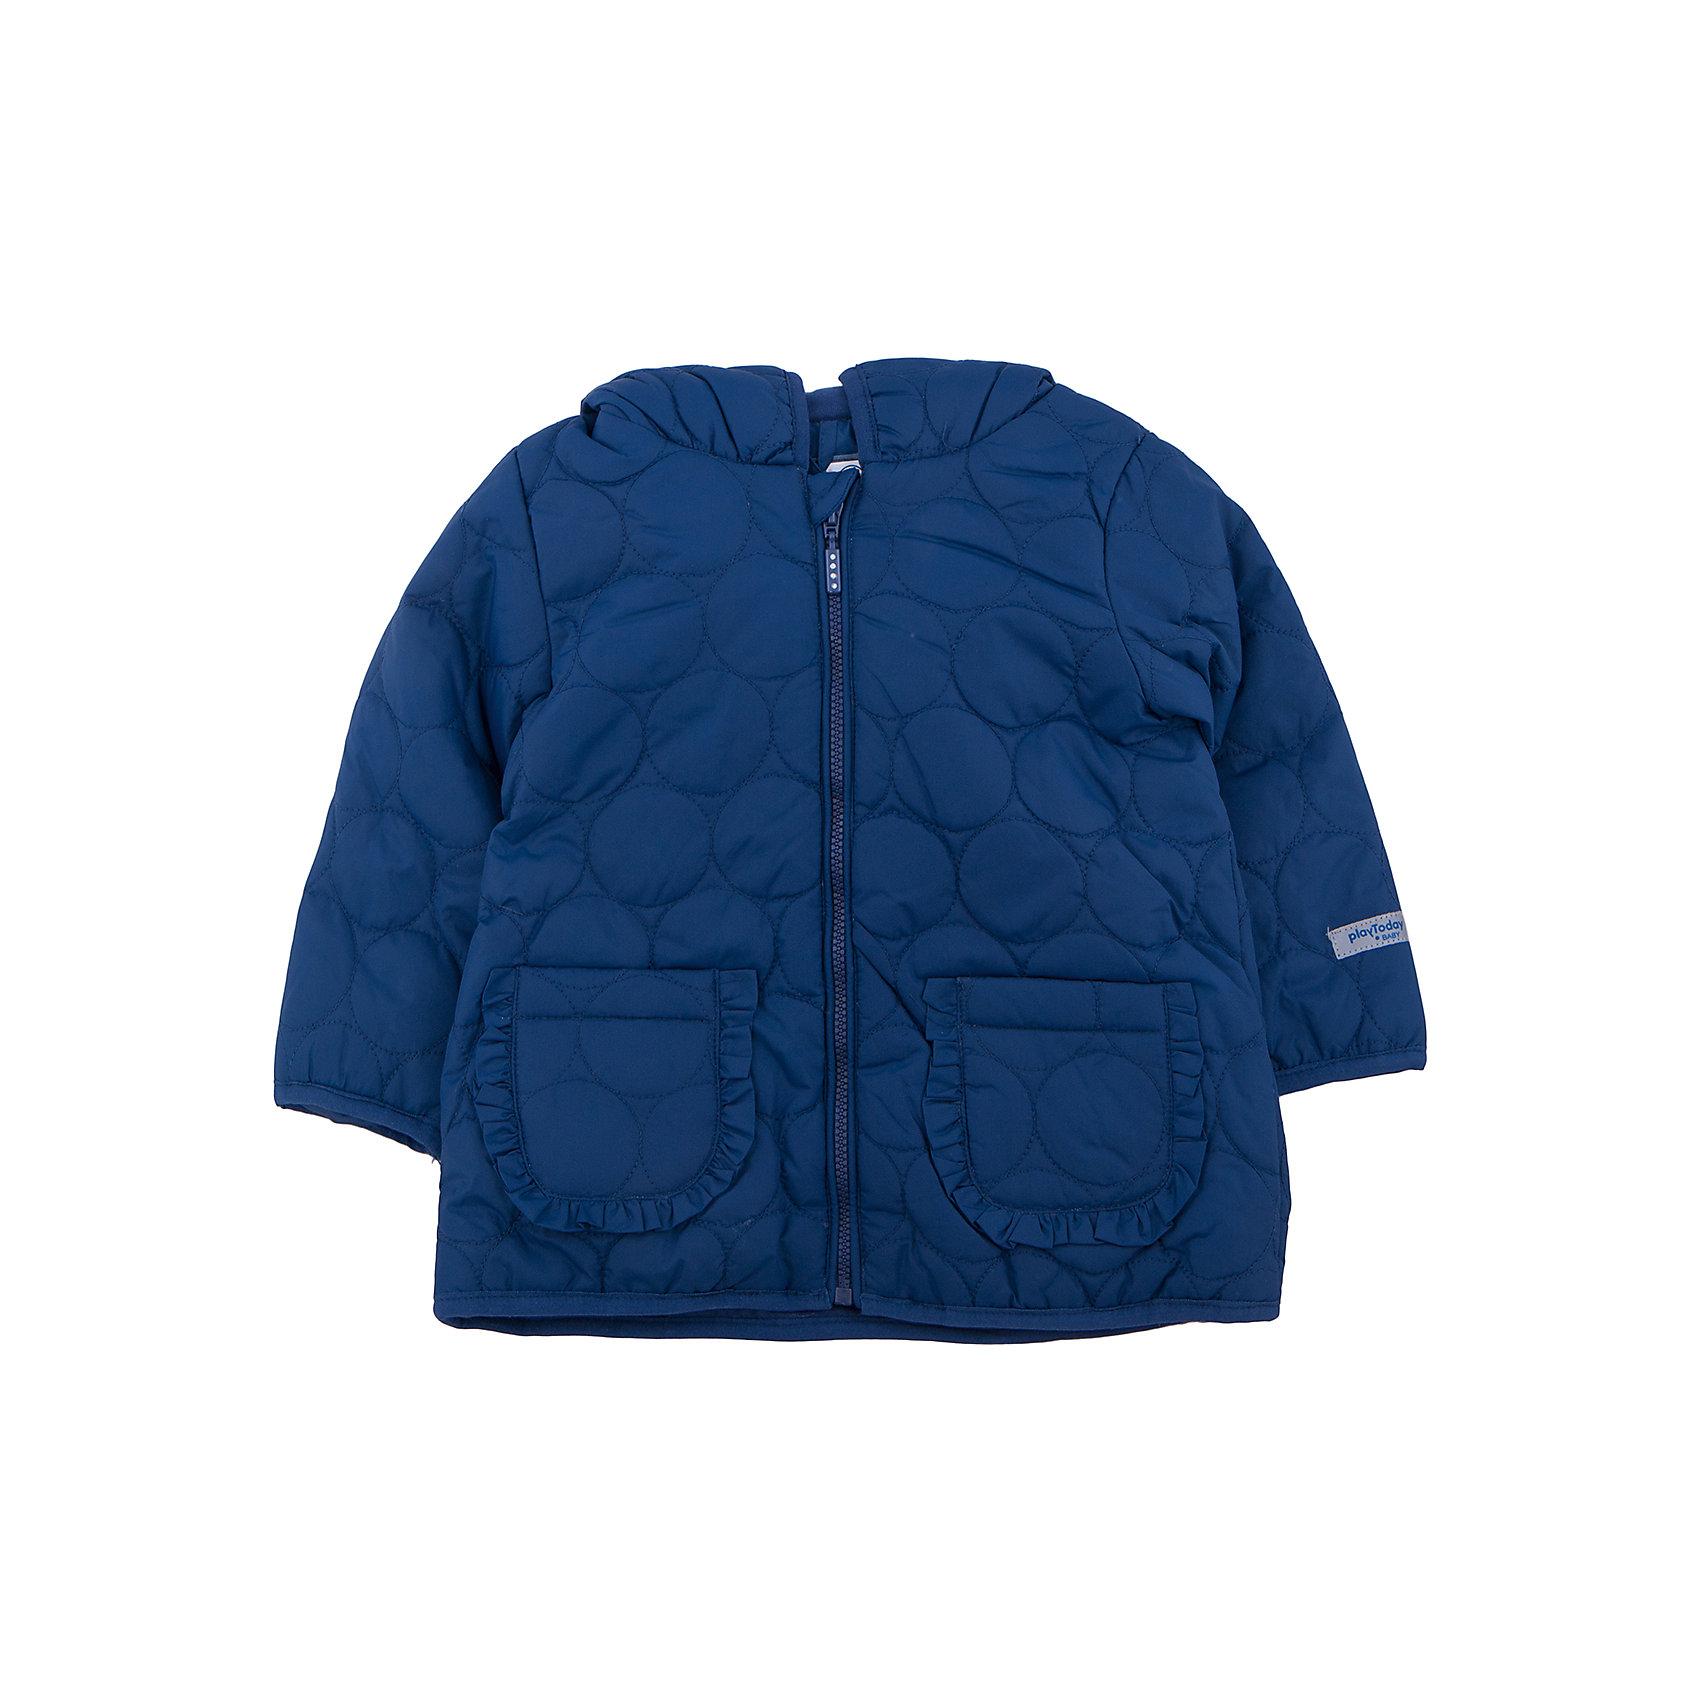 Куртка для девочки PlayTodayВерхняя одежда<br>Куртка для девочки от известного бренда PlayToday.<br>Мягкая хлопковая футболка с длинными рукавами. Украшена сердечком из блестящего глиттера. Удобно застегивается на кнопки на плече, чтобы ее легко было надевать.<br>Состав:<br>Верх: 100% полиэстер, подкладка: 60% хлопок, 40% полиэстер, наполнитель: 100% полиэстер, 100 г/м2<br><br>Ширина мм: 157<br>Глубина мм: 13<br>Высота мм: 119<br>Вес г: 200<br>Цвет: розовый<br>Возраст от месяцев: 6<br>Возраст до месяцев: 9<br>Пол: Женский<br>Возраст: Детский<br>Размер: 74,86,92,80<br>SKU: 4900519